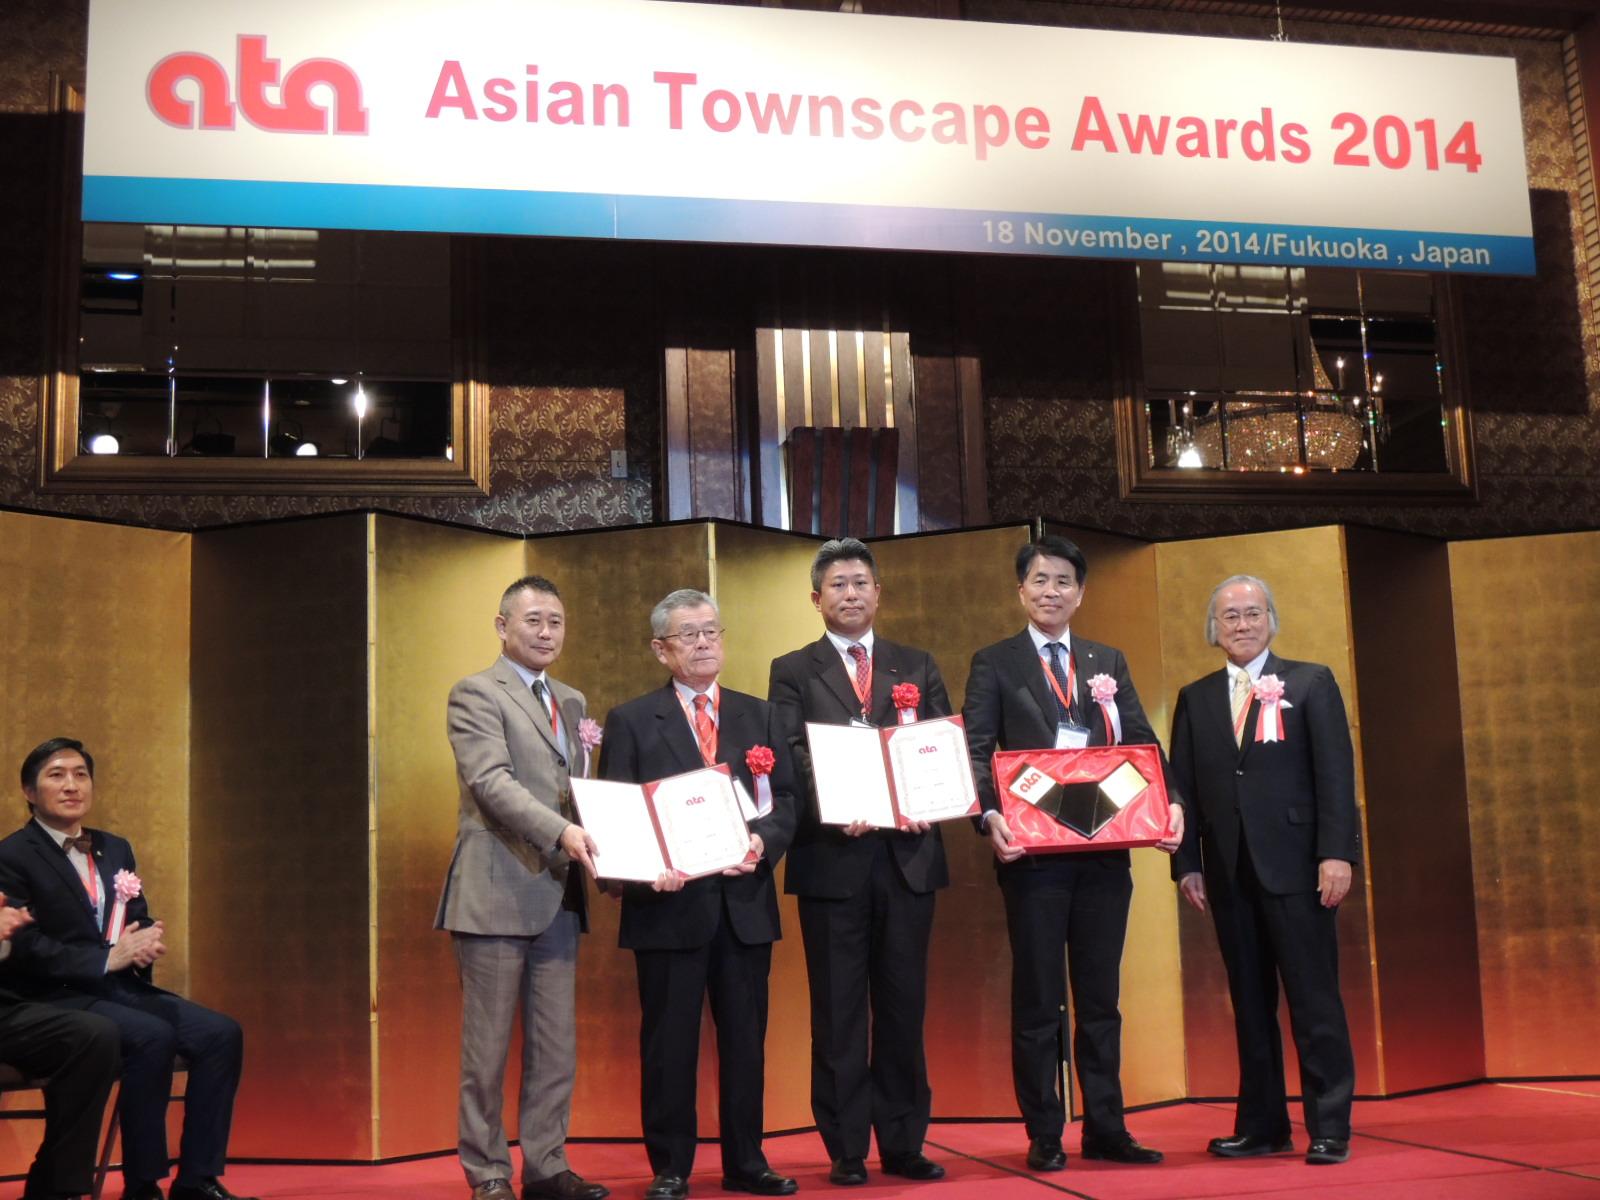 アジア都市景観賞受賞